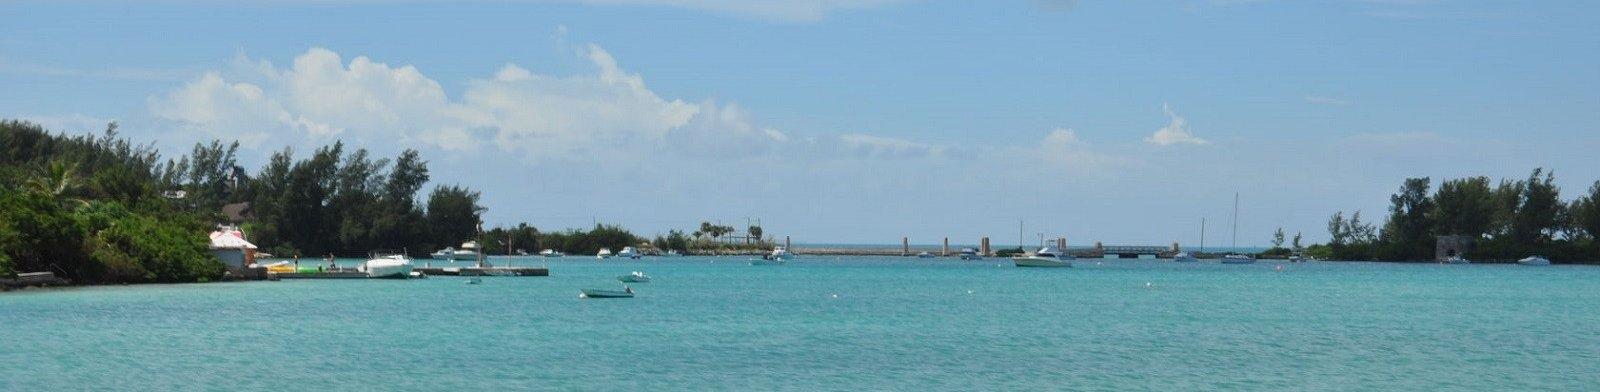 Hamilton seascape, Bermuda